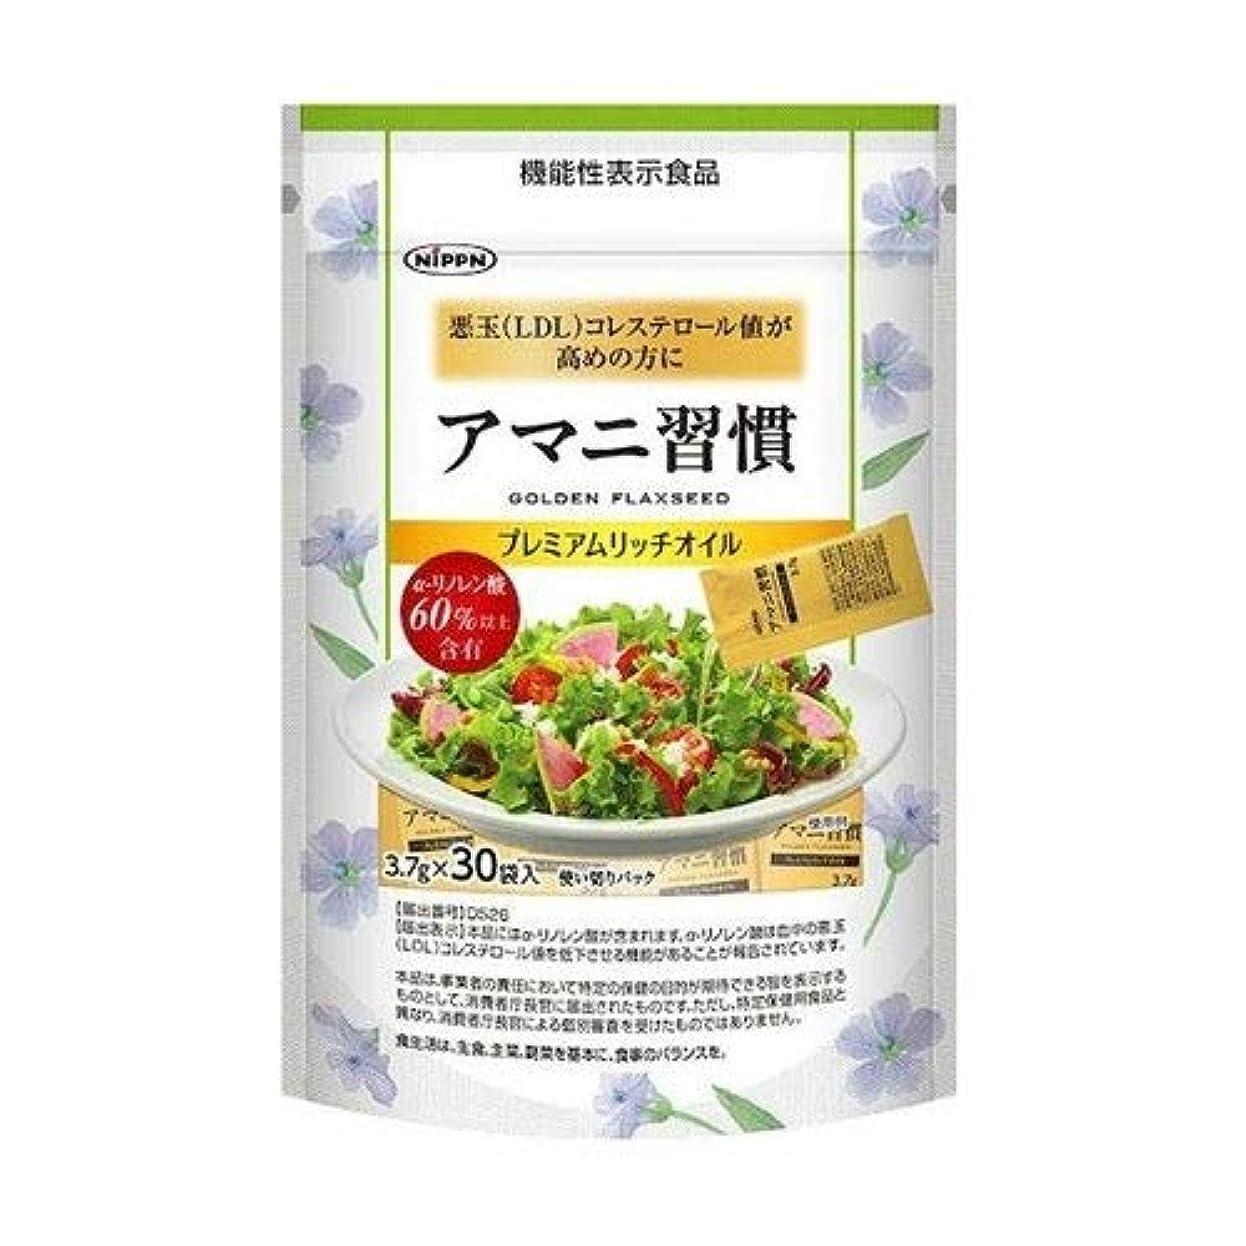 篭ポインタ日本製粉 アマニ習慣 プレミアムリッチオイル 3.7g×30袋入